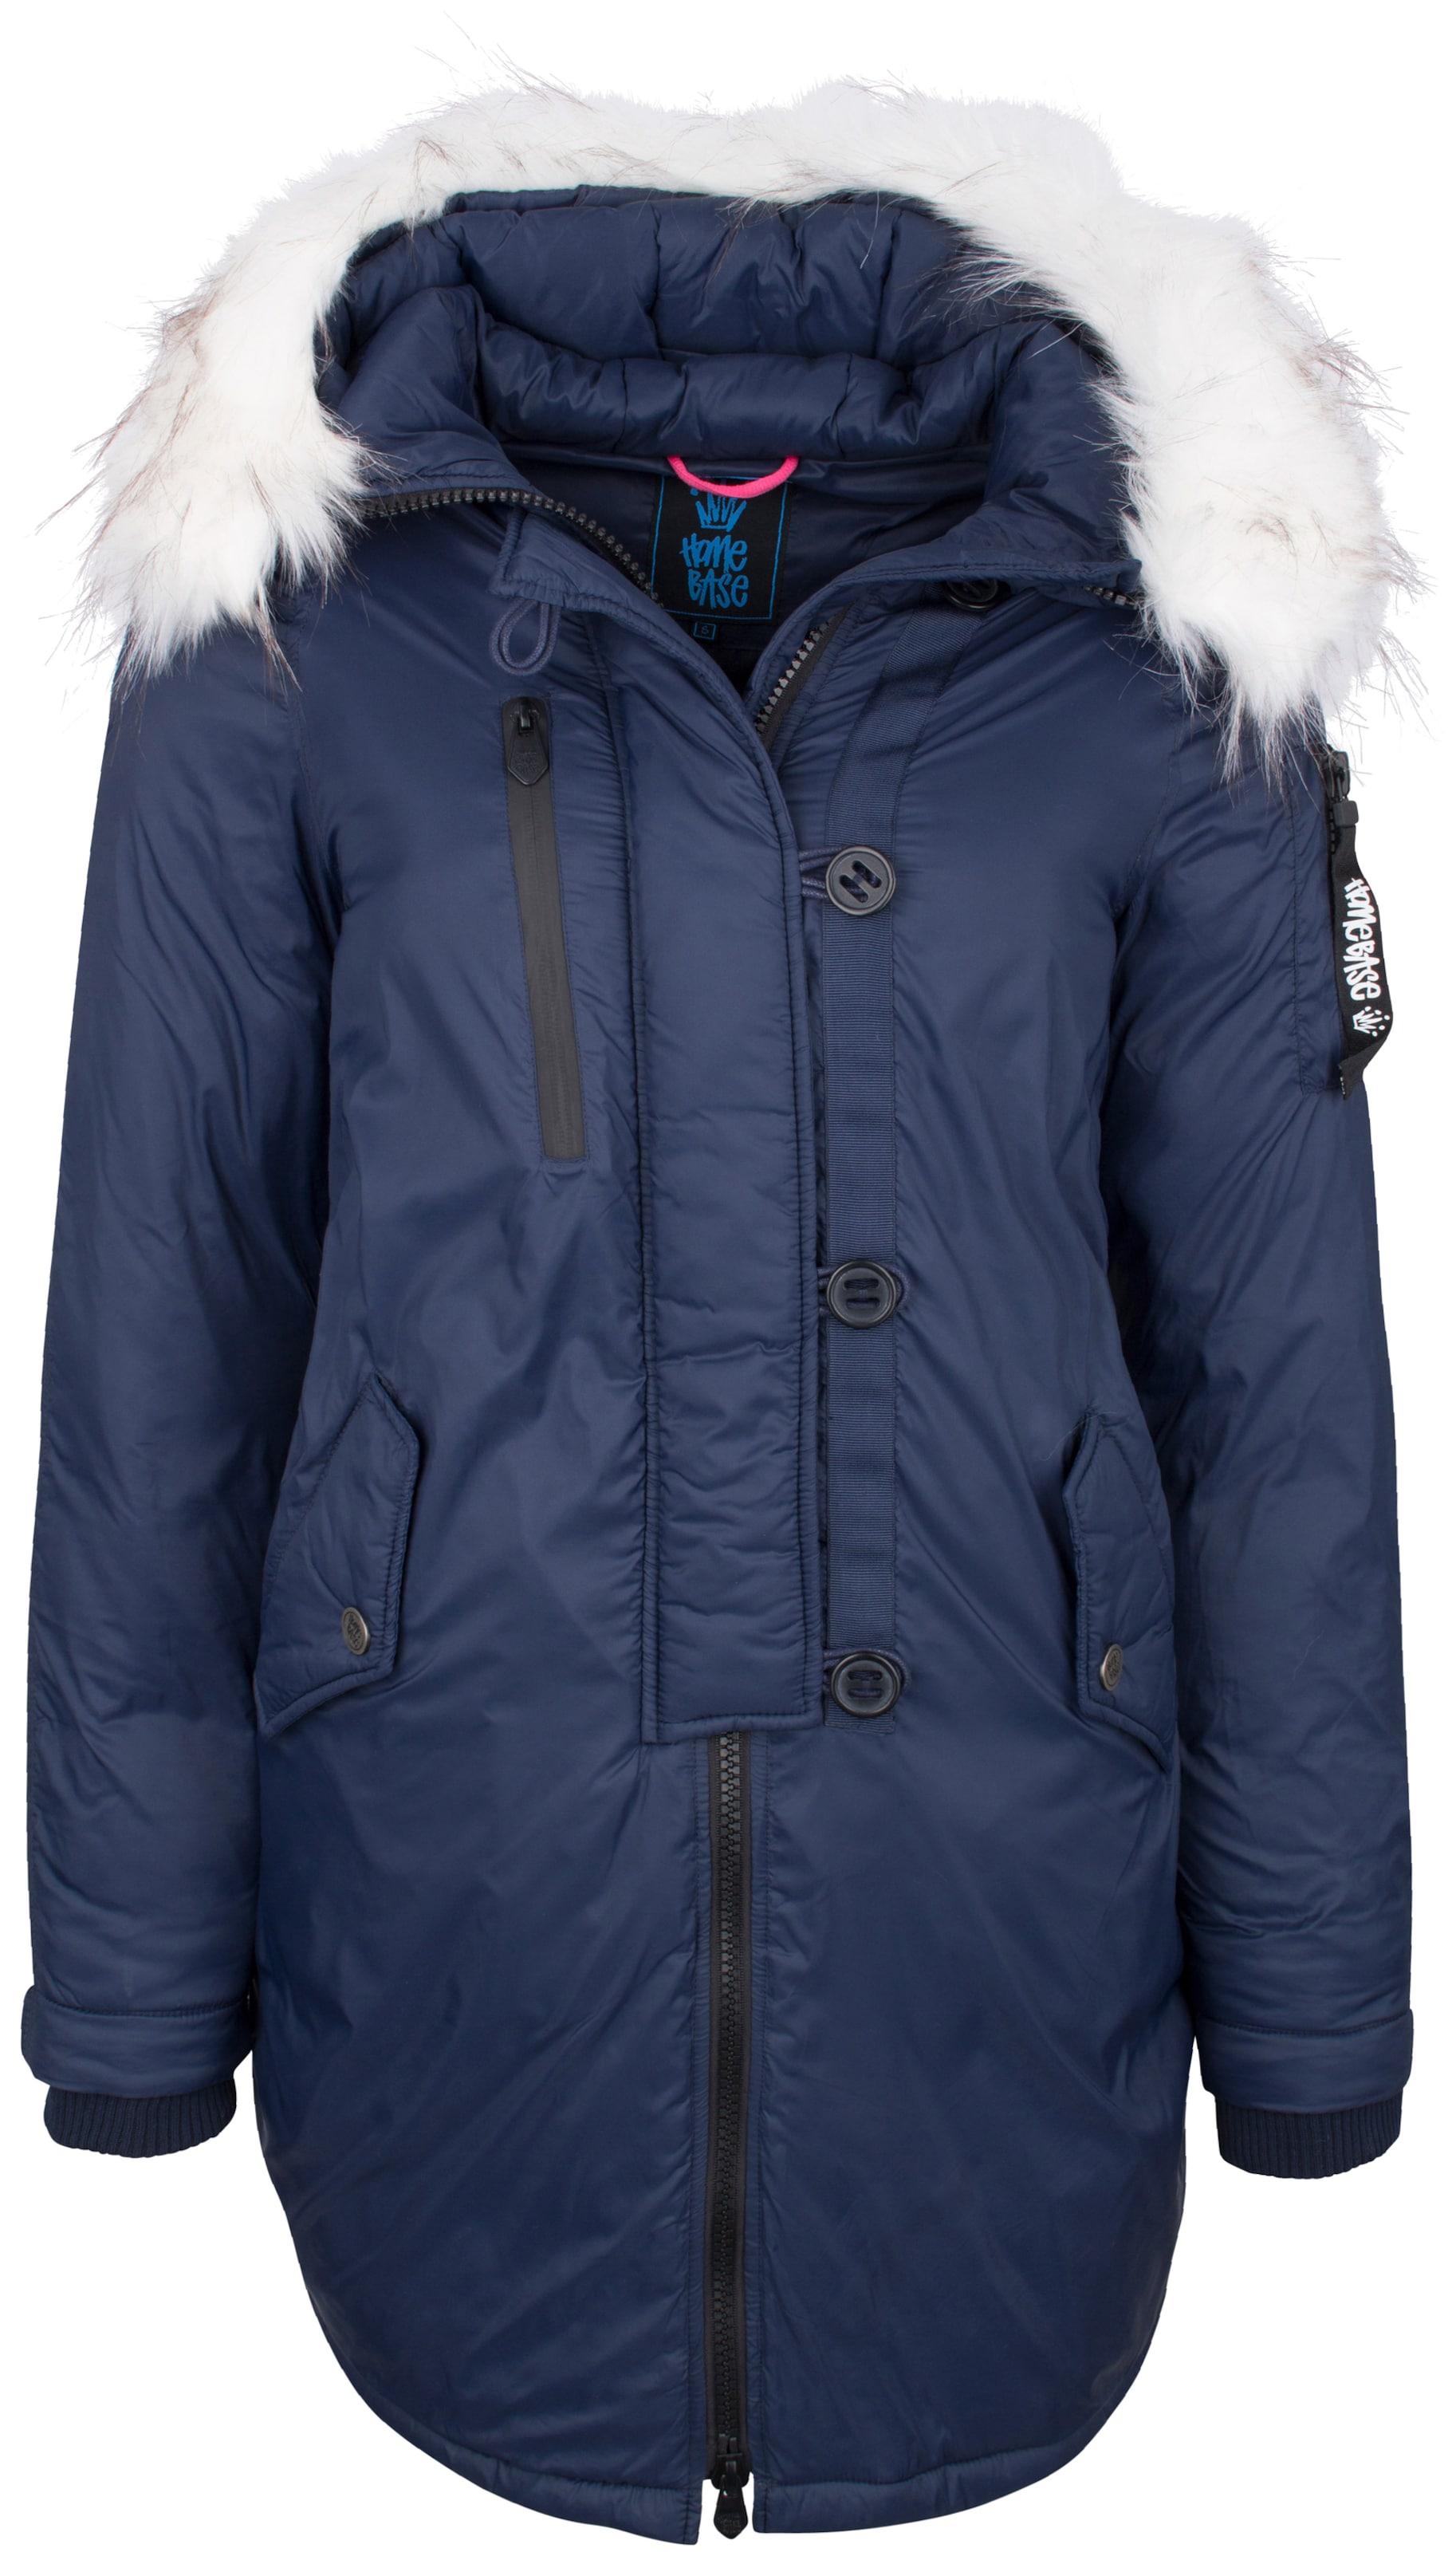 Manteau Bleu D'hiver En Manteau Homebase En Homebase Bleu D'hiver 2eDYWH9EI